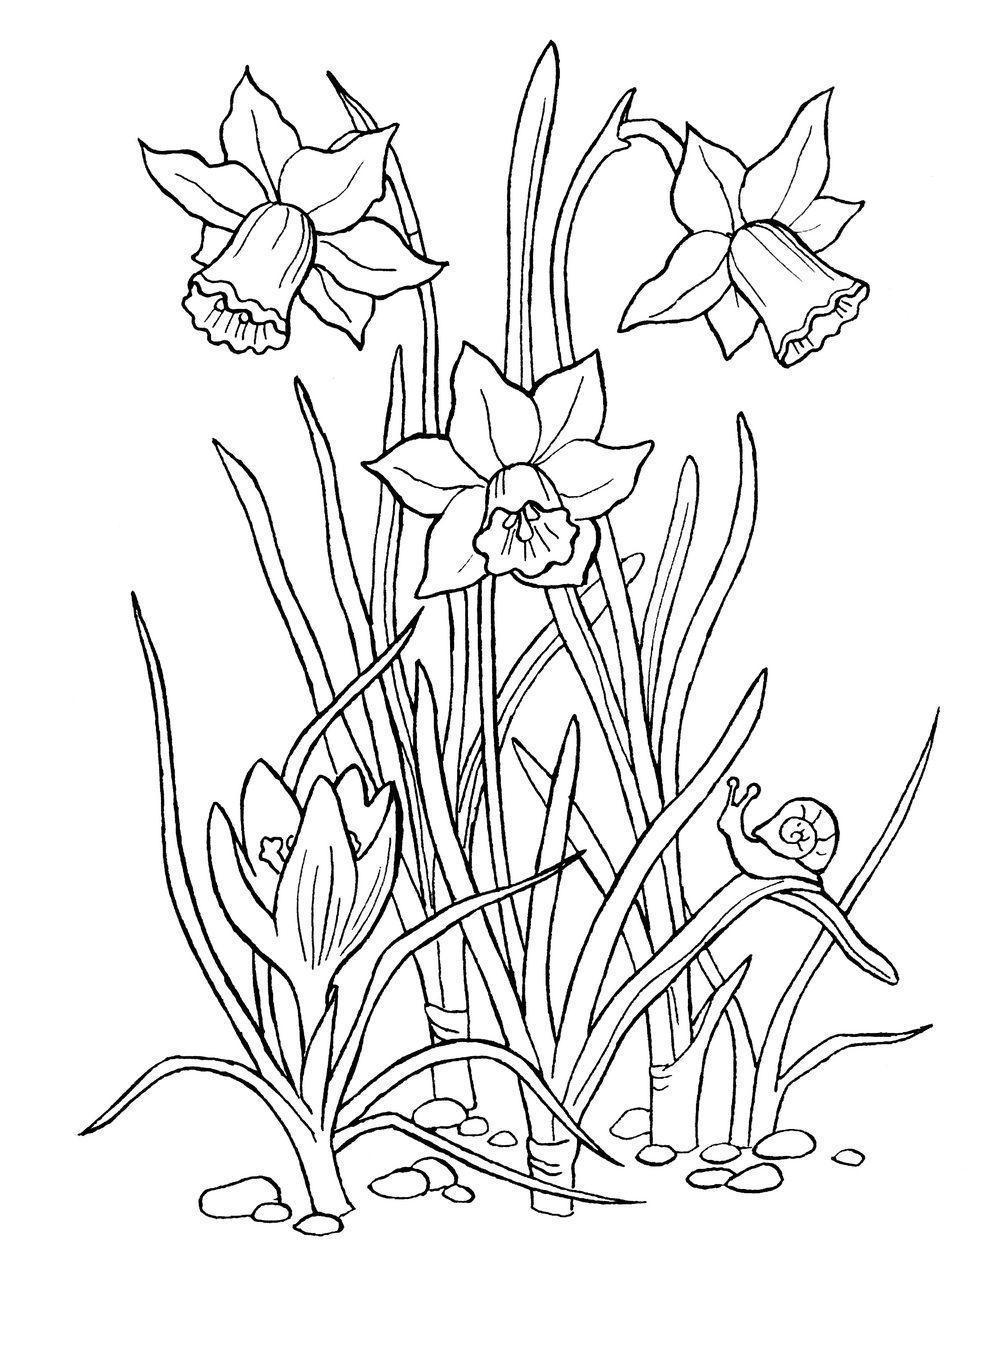 Клумба крокусы и нарциссы Красивые раскраски цветов